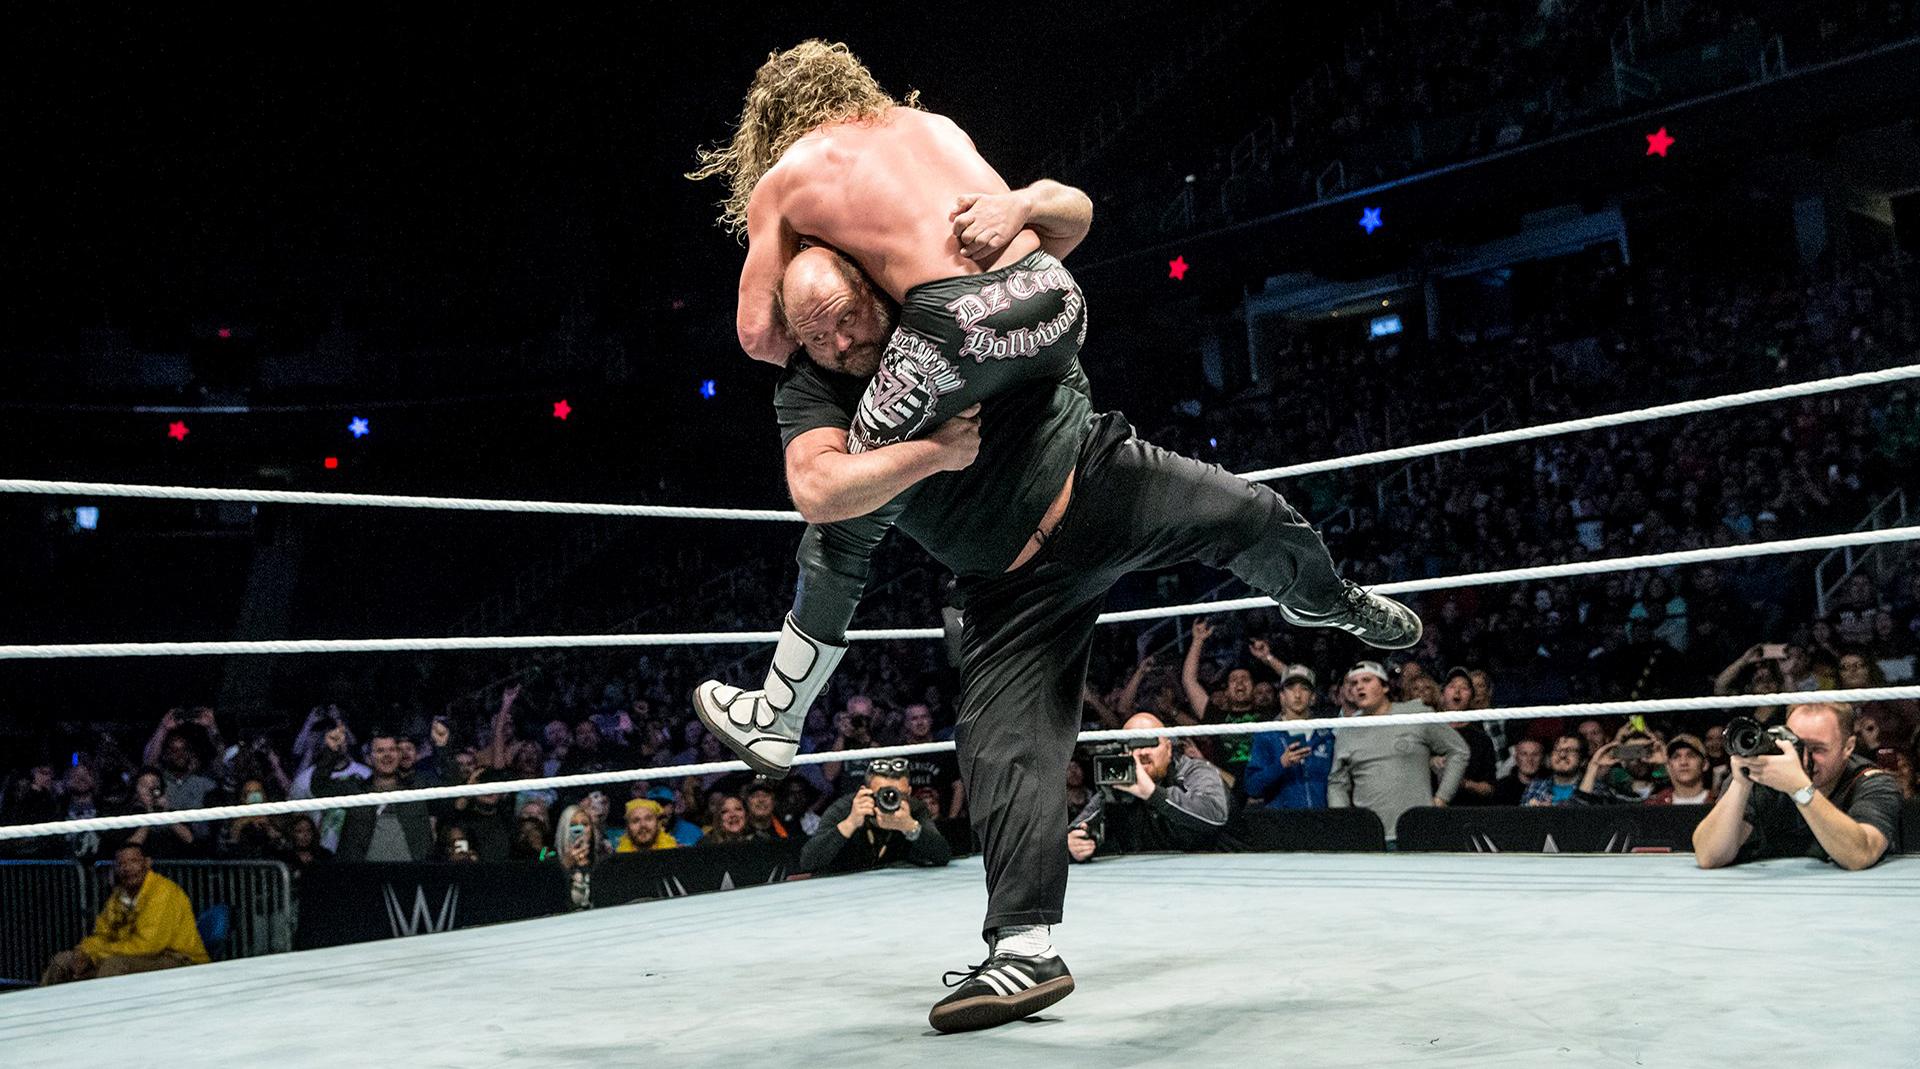 Ex-WWE wrestler Arn Anderson